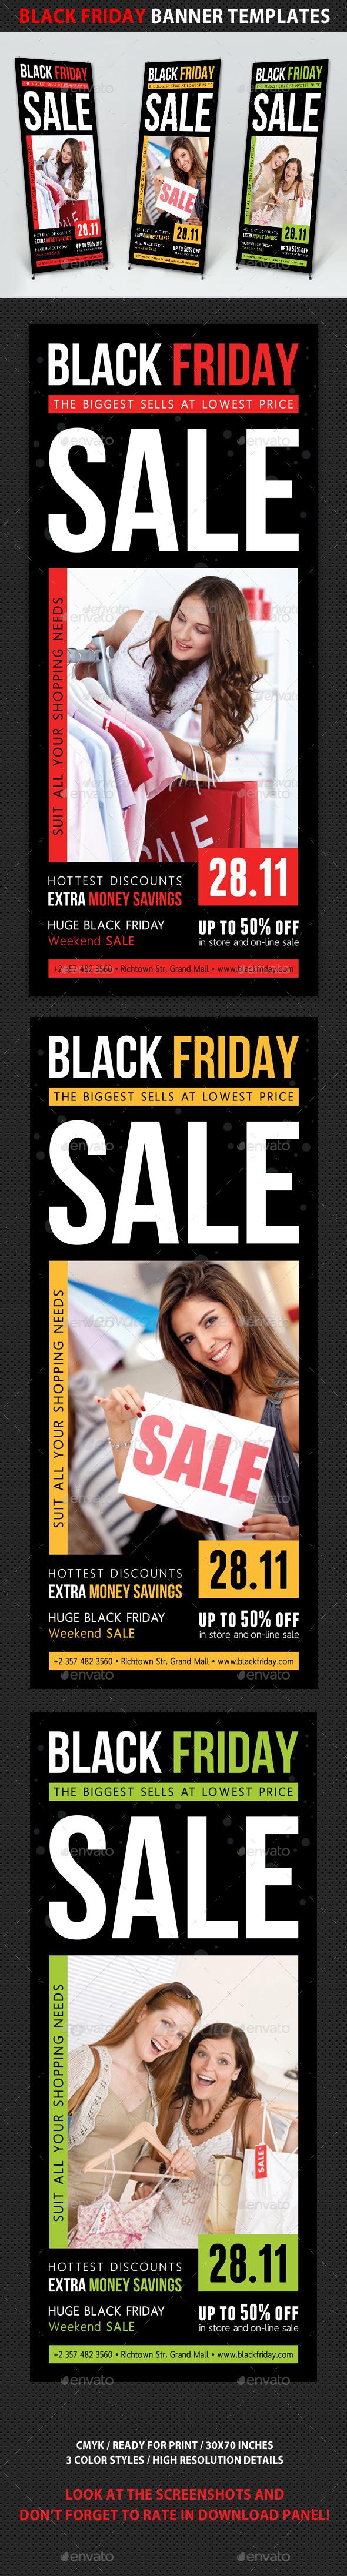 Black Friday Sale Banner Template V01 - Signage Print Templates